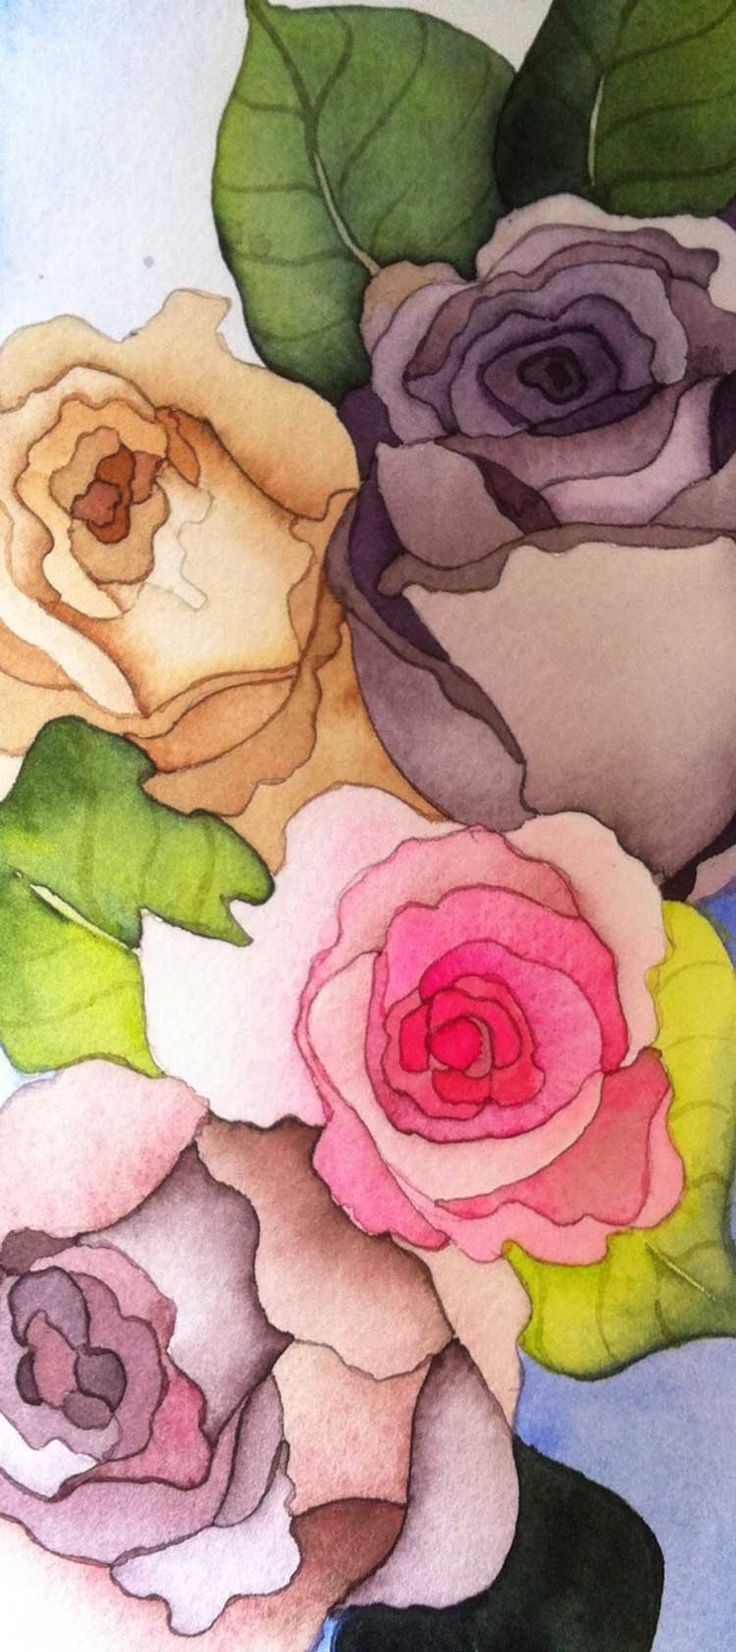 tus rosas me contaban tus penas y secretos